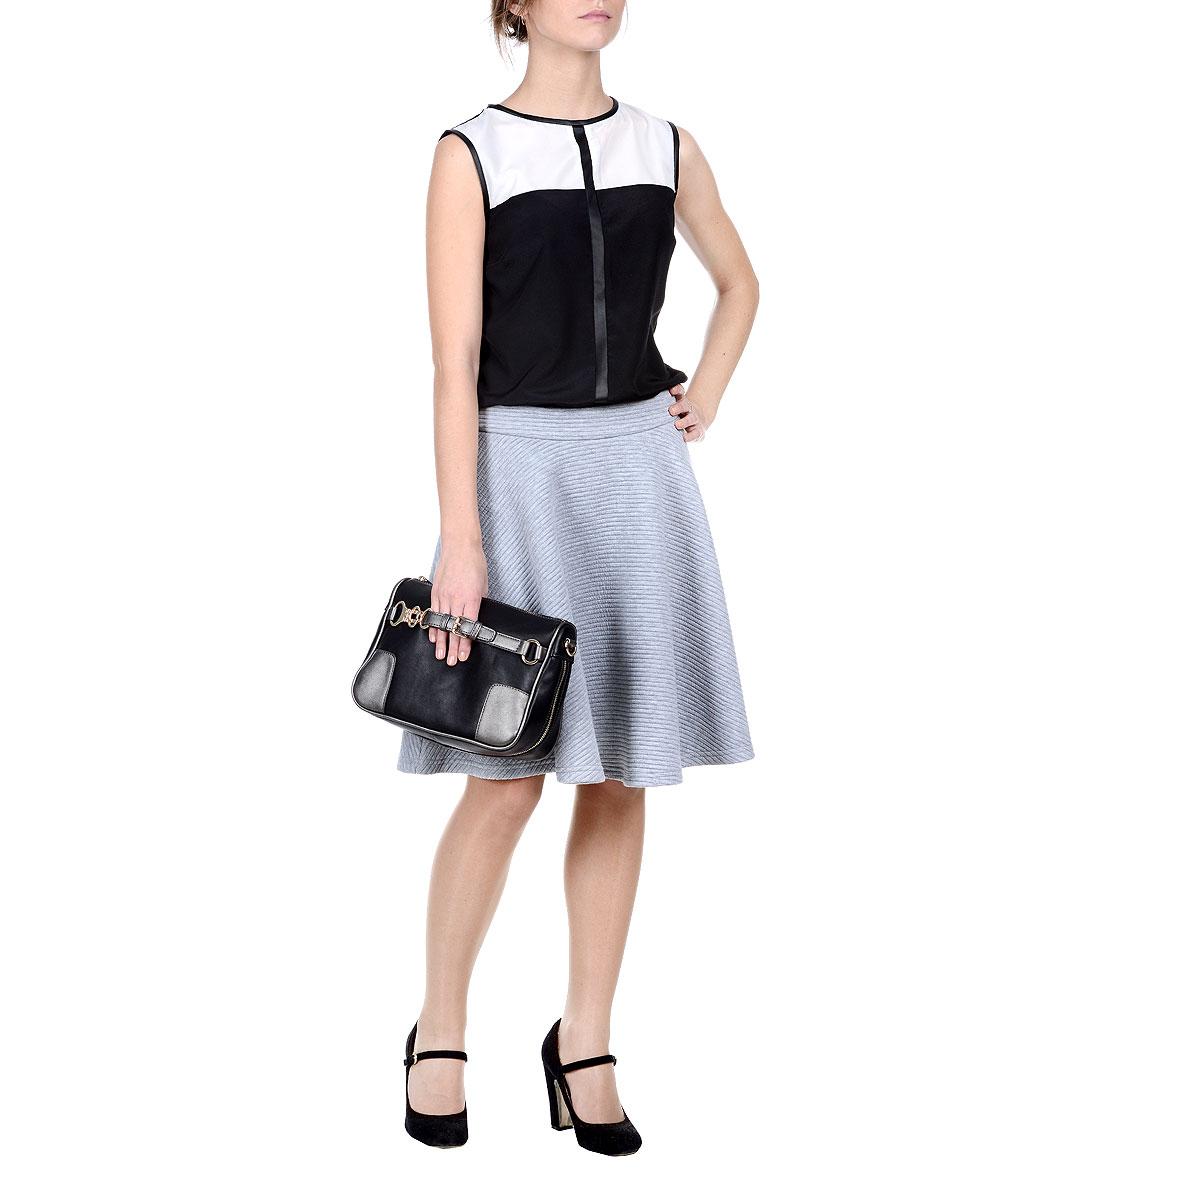 ЮбкаDSD0017SZSУтепленная юбка Drywash изготовлена из полиэстера с добавлением эластана. Юбка расклешенного кроя оформлена рельефными полосками. Пояс сзади застегивается на металлическую застежку-молнию. Эта модная и в тоже время комфортная юбка - отличный вариант для прохладной погоды.